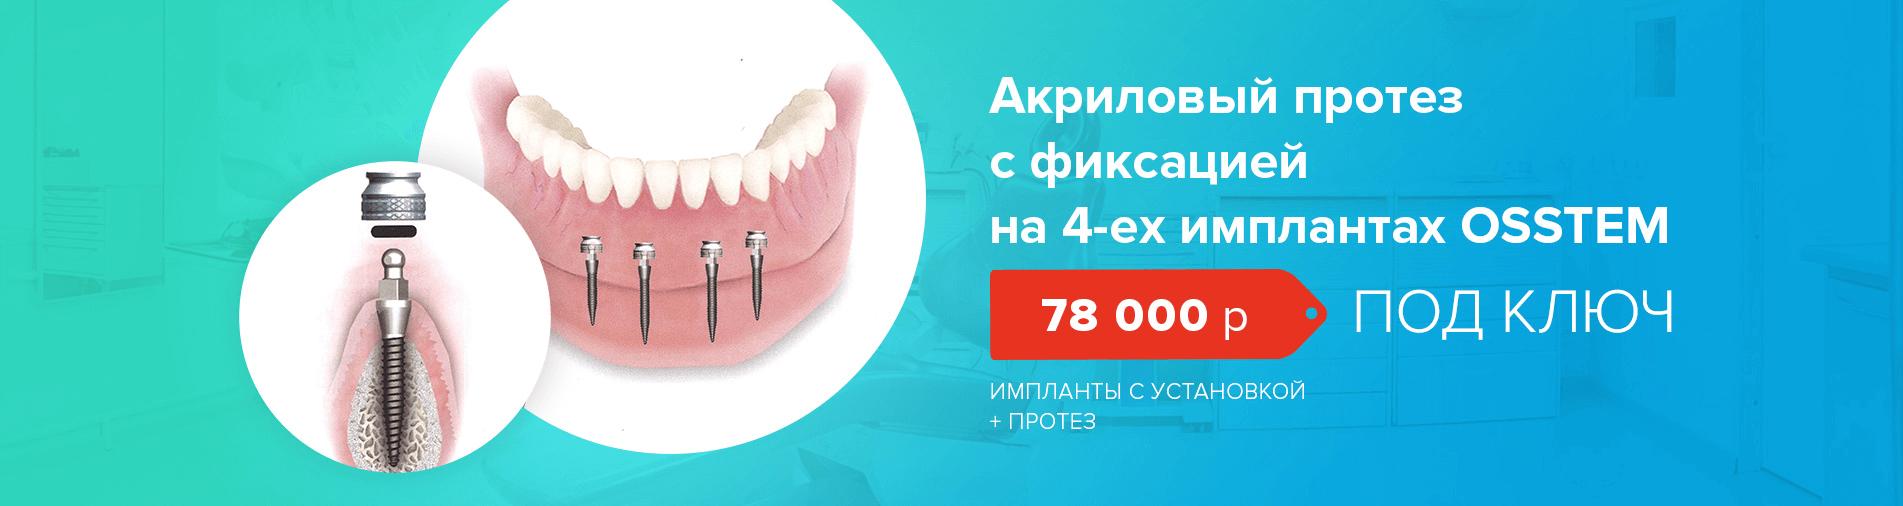 image_2020_08_21T15_44_04_864Z